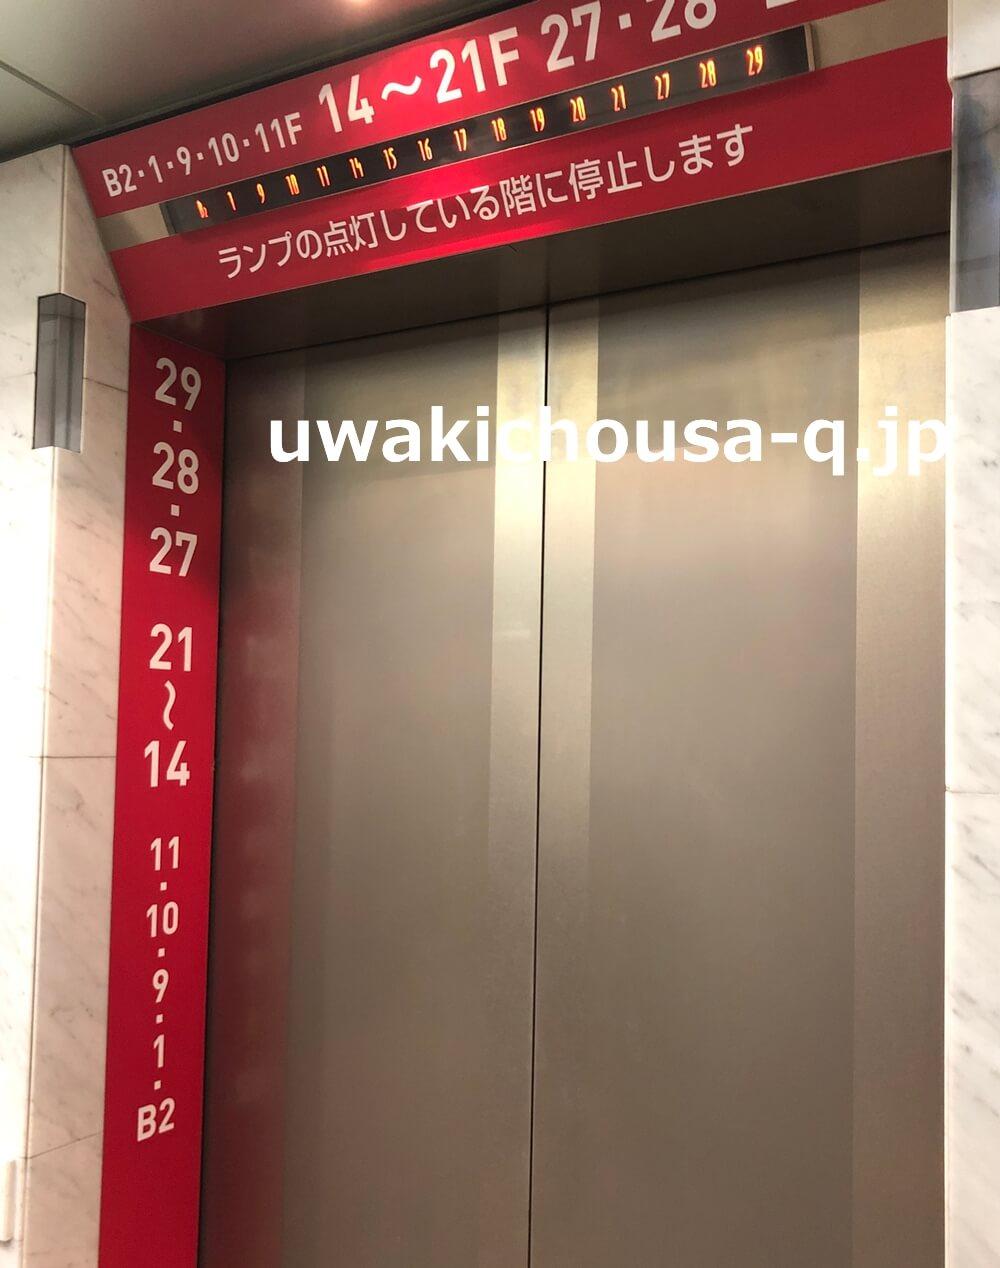 さくら幸子探偵事務所横浜